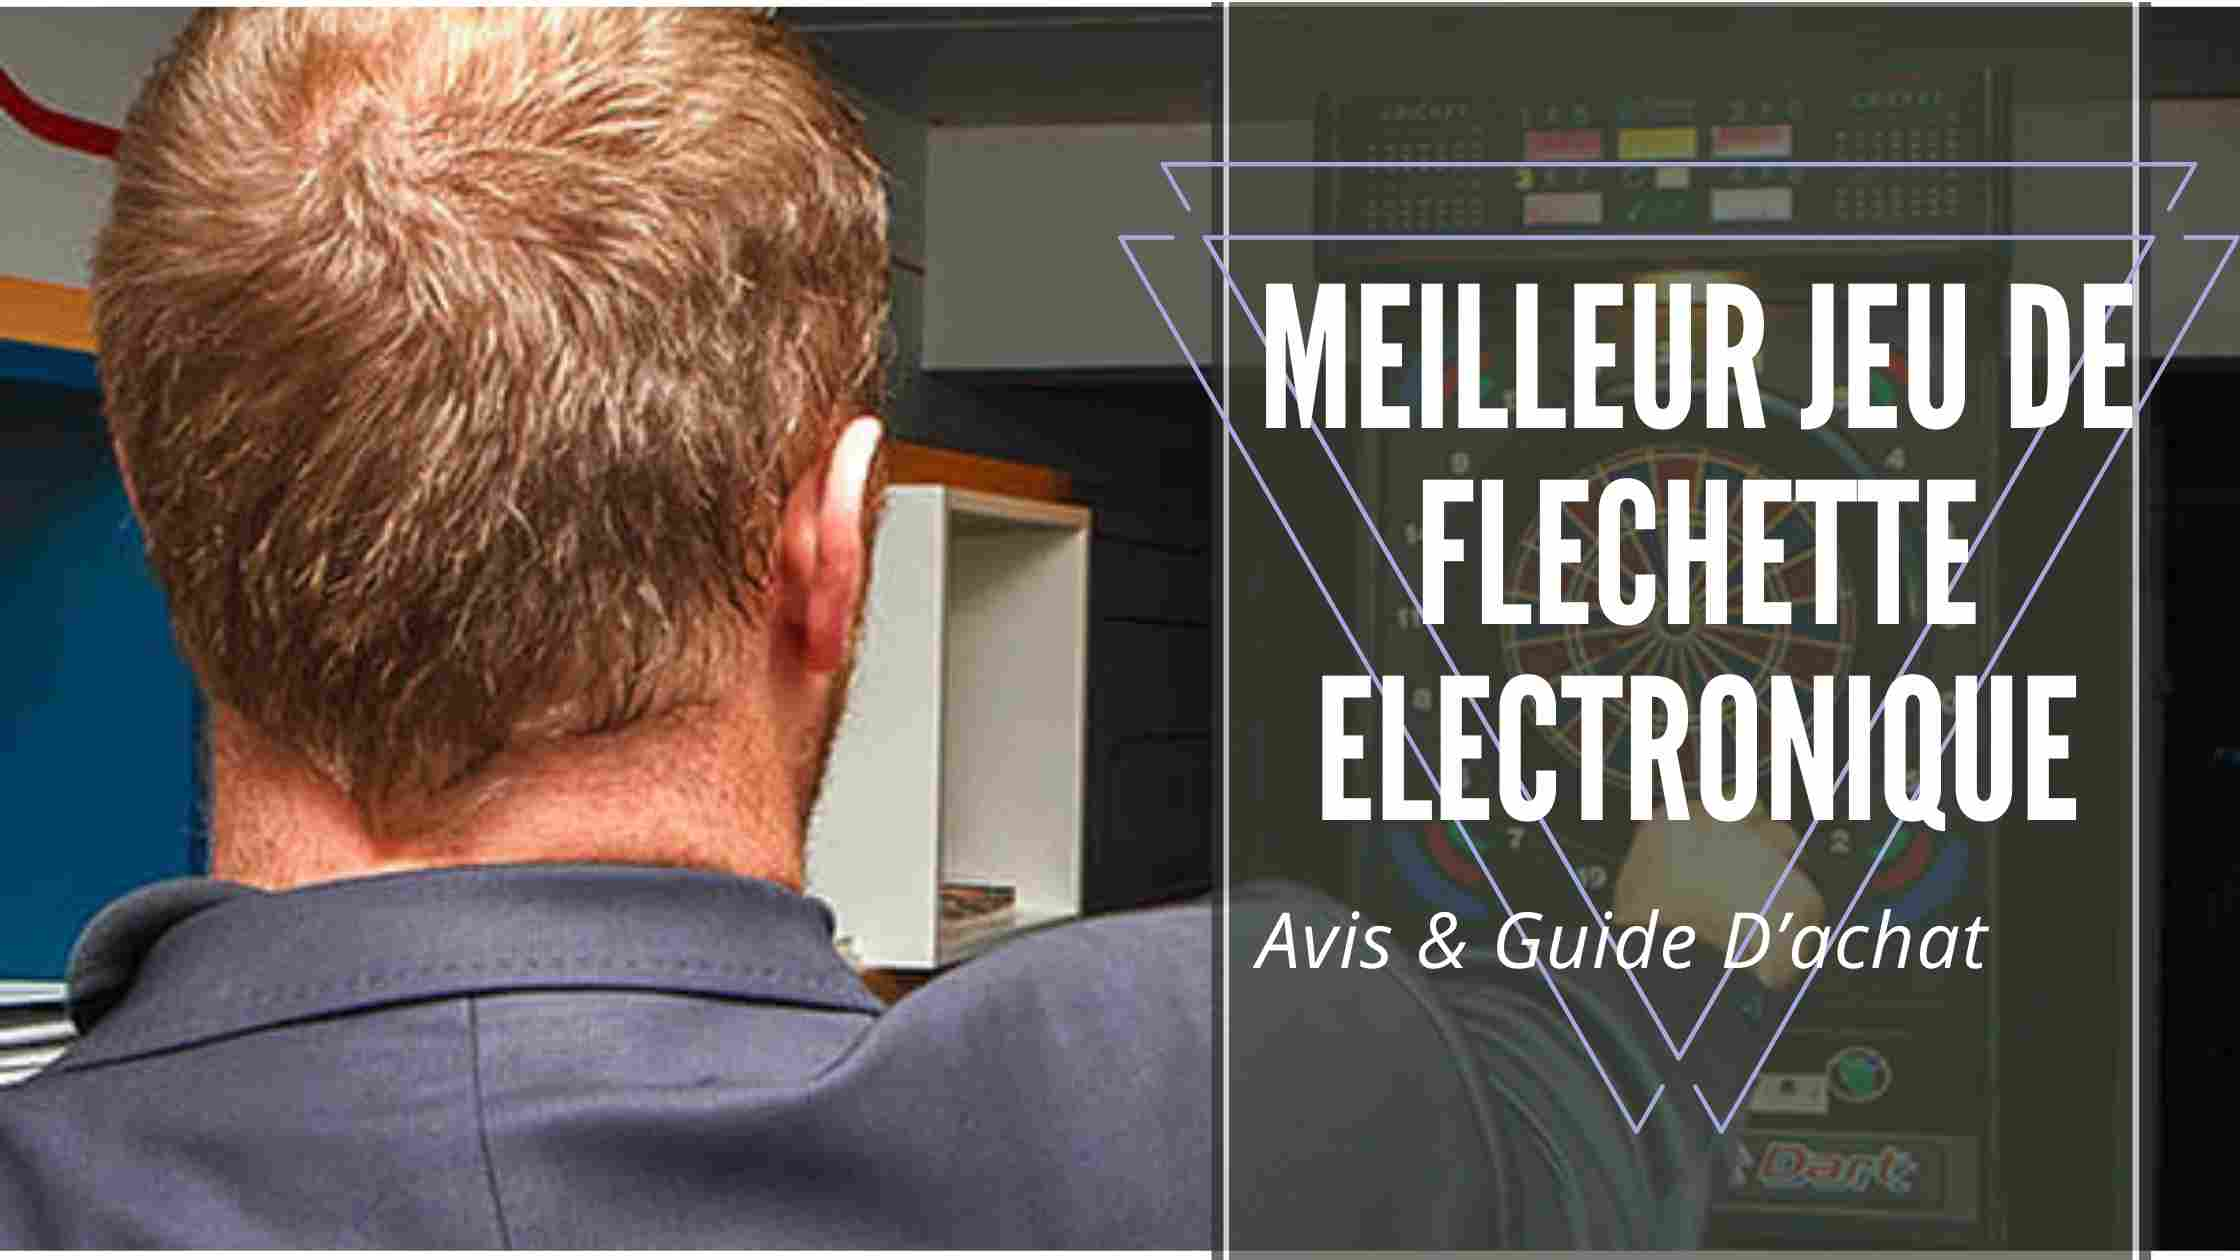 Meilleur Jeu De Flechette Electronique